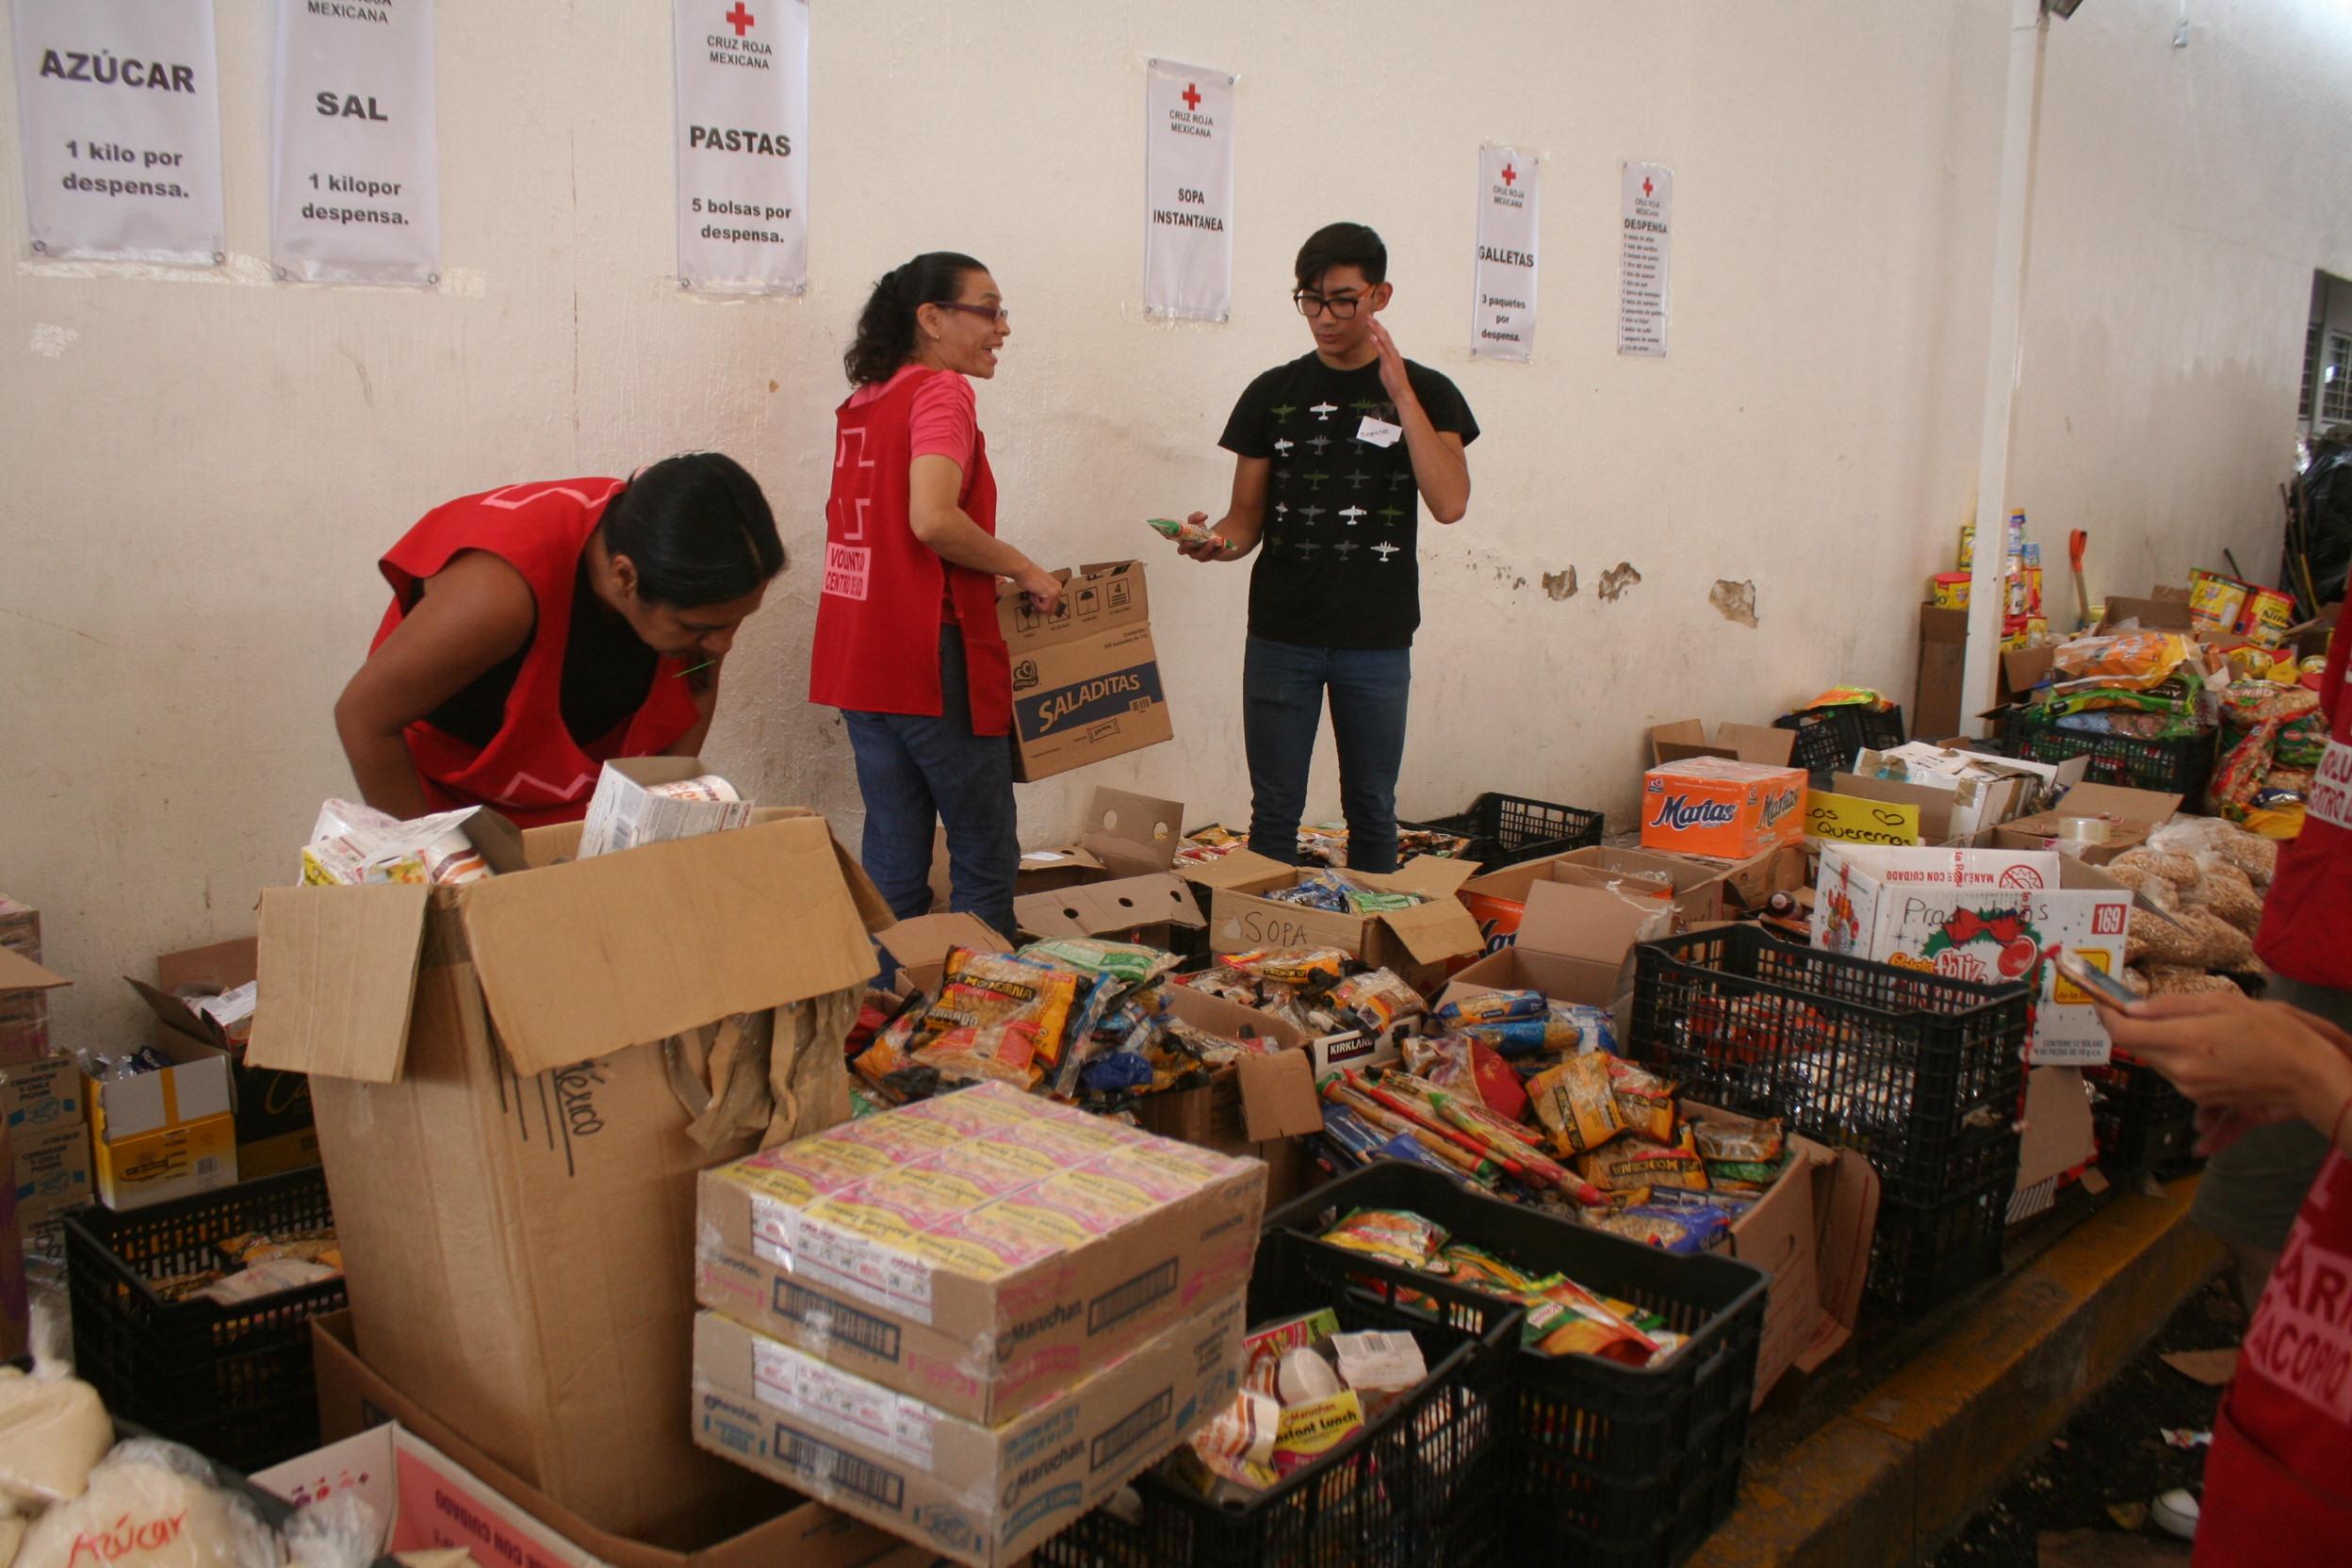 Dona $100000 a la Cruz Roja Mexicana